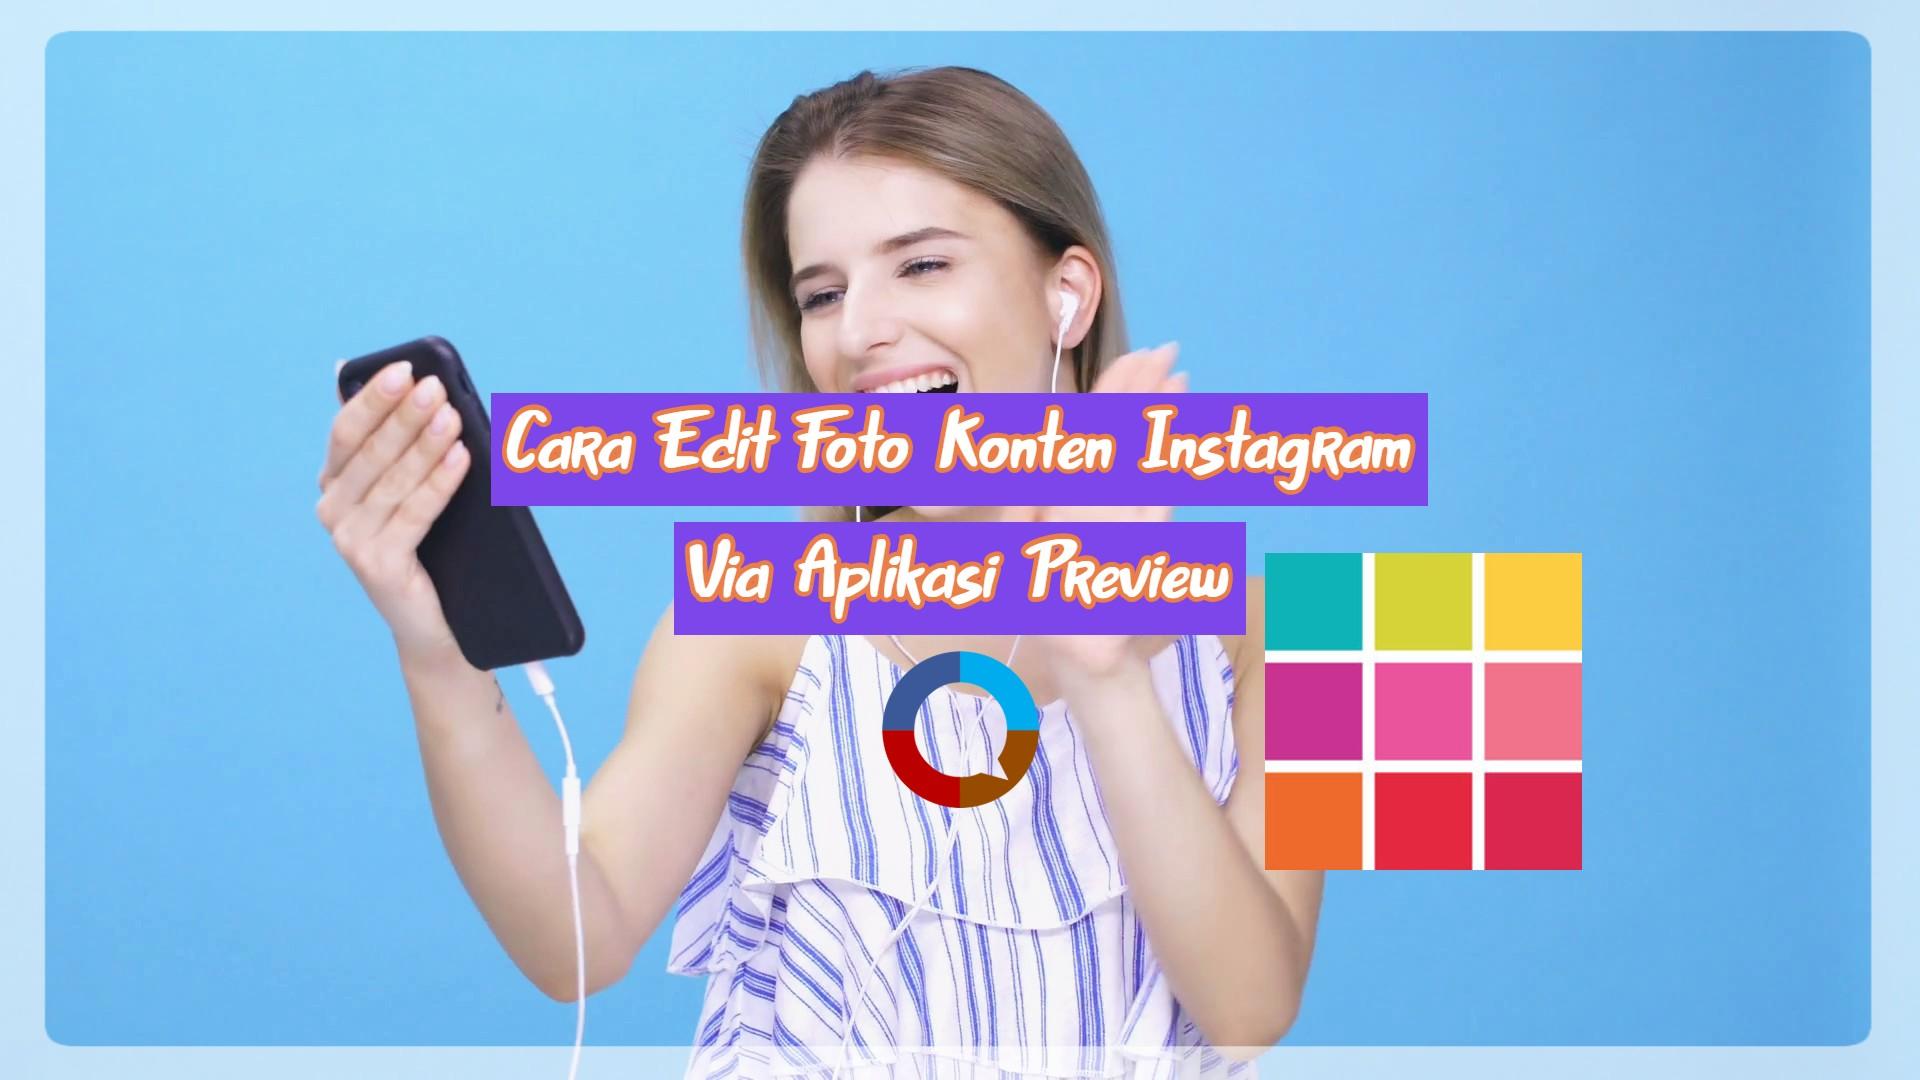 Cara Edit Foto Konten Instagram dengan Aplikasi Preview